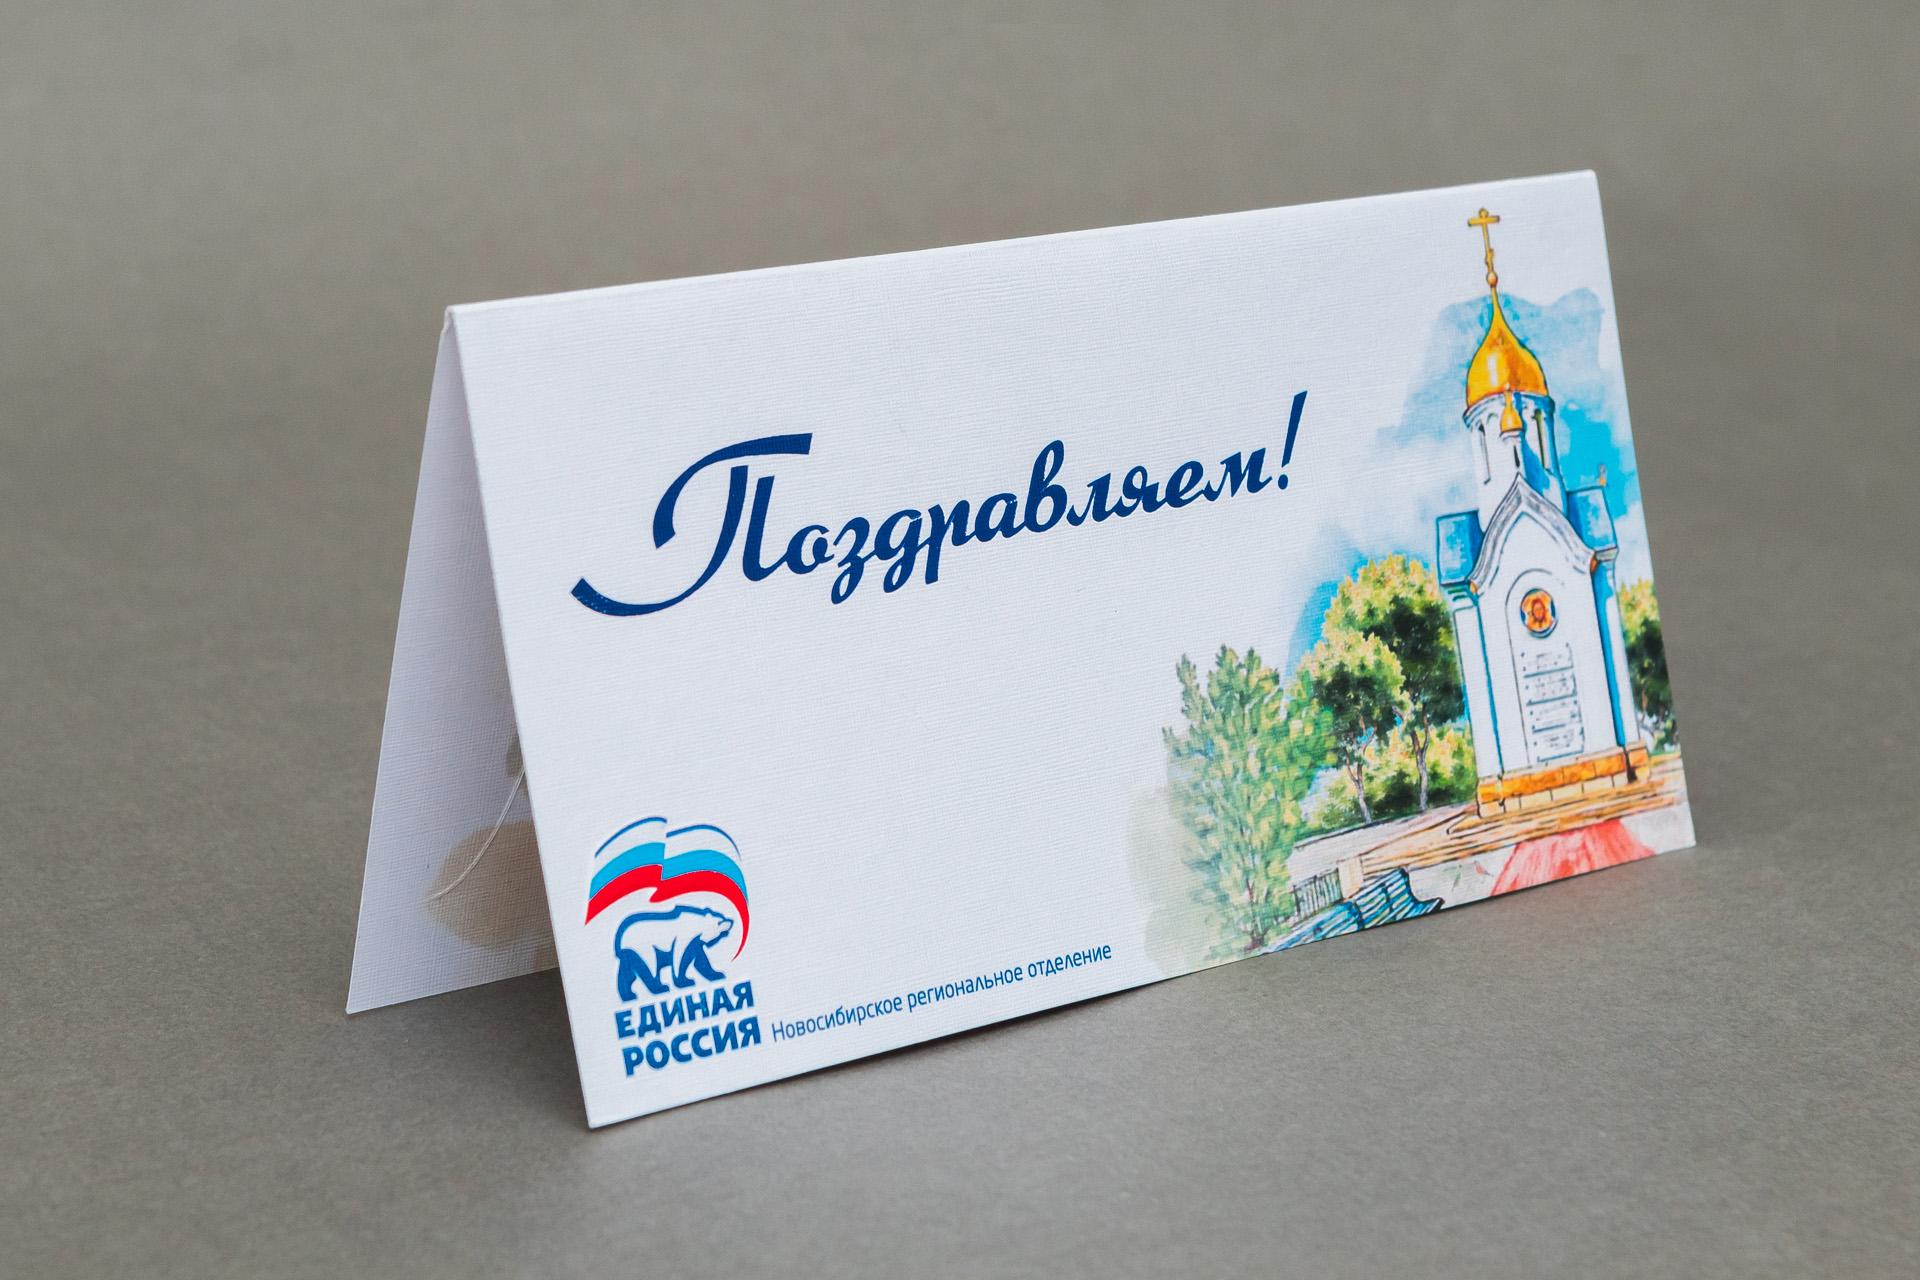 Напечатать открытки в краснодаре, как приклеить